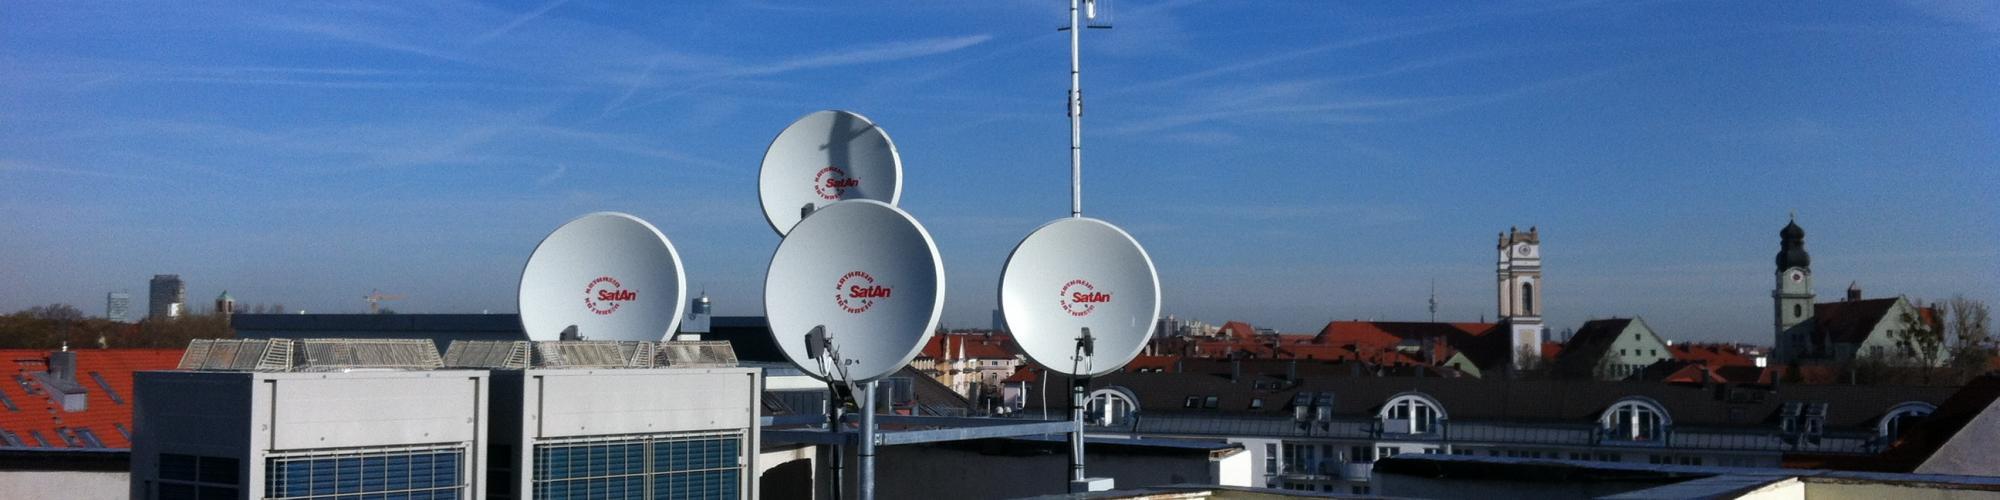 Neumeier, Hegmann & Co. Fernsehdienst Antennenbau GmbH